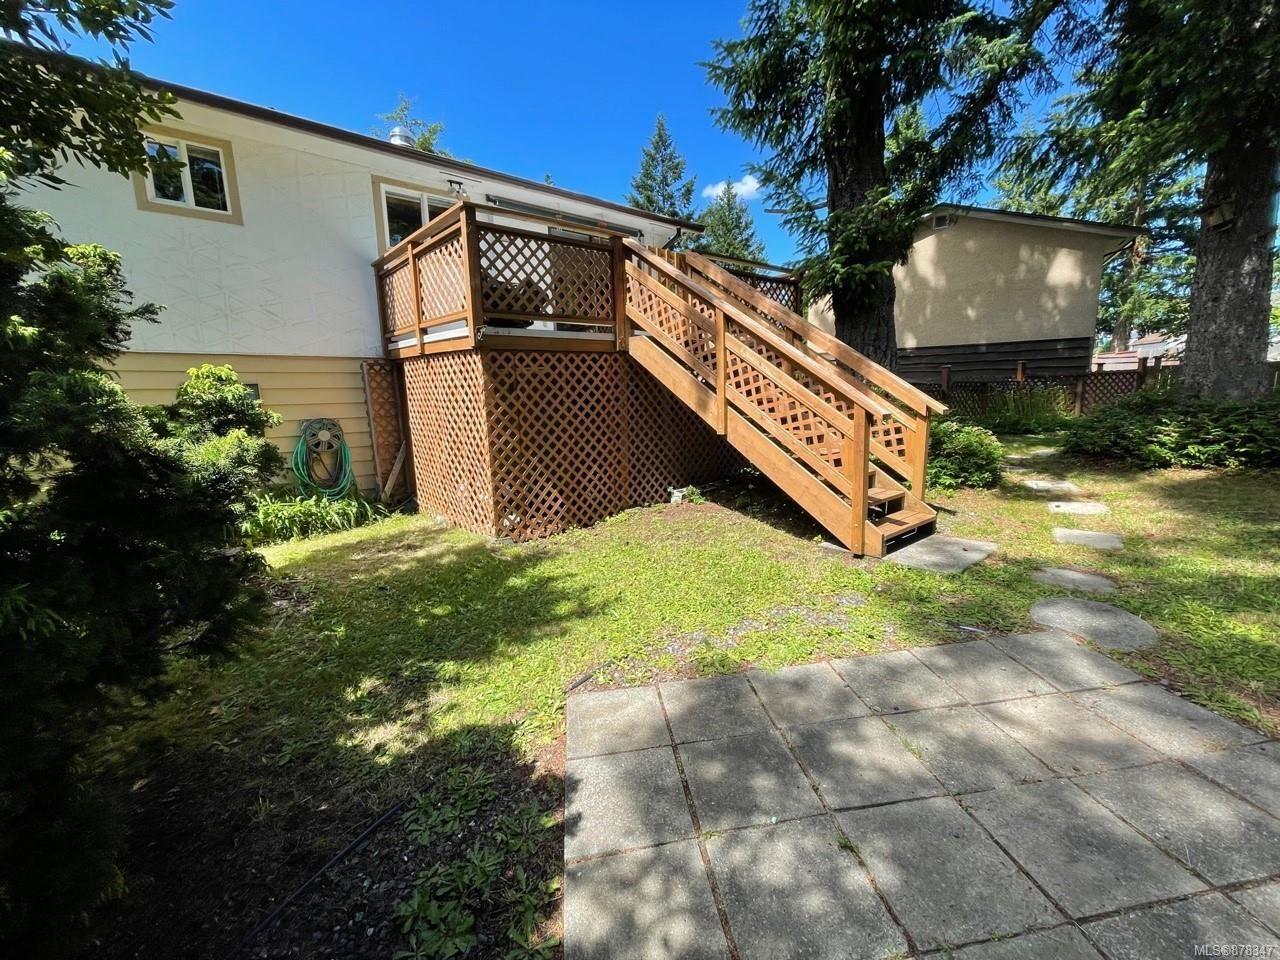 Photo 8: Photos: 334 Texada Pl in : CV Comox (Town of) House for sale (Comox Valley)  : MLS®# 878347